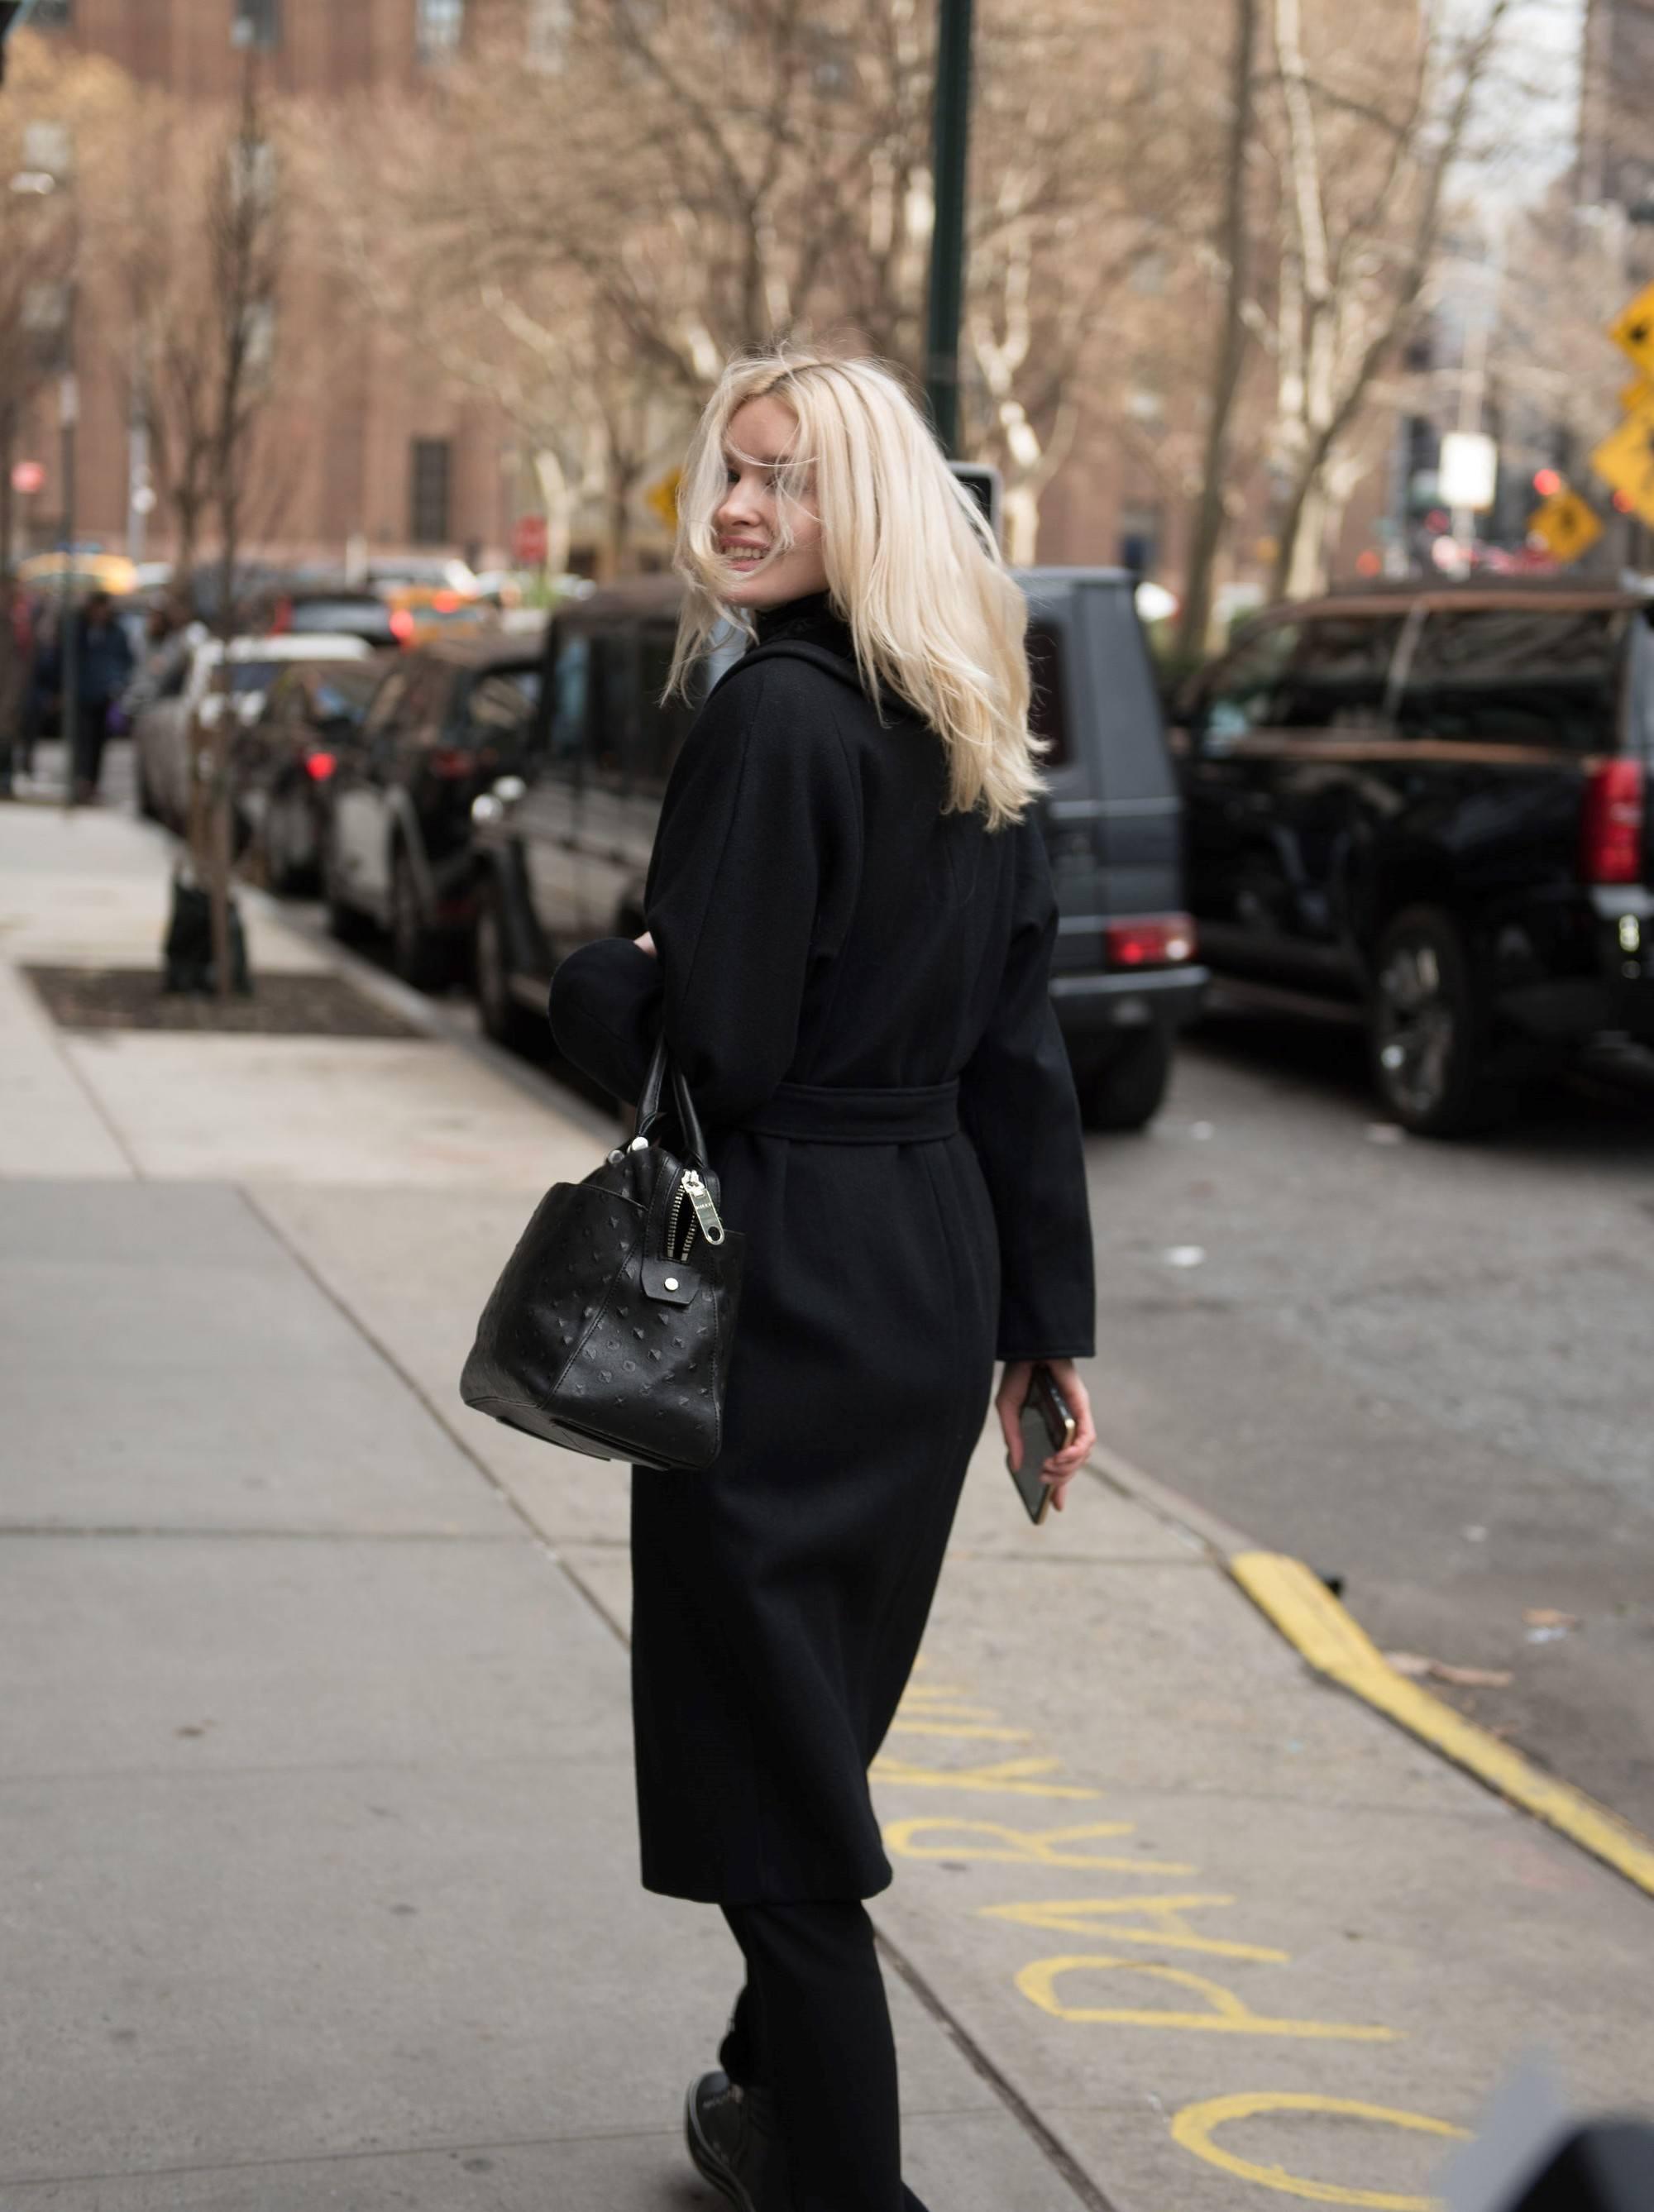 Femme avec de longs cheveux blonds décolorés balayés par le vent.